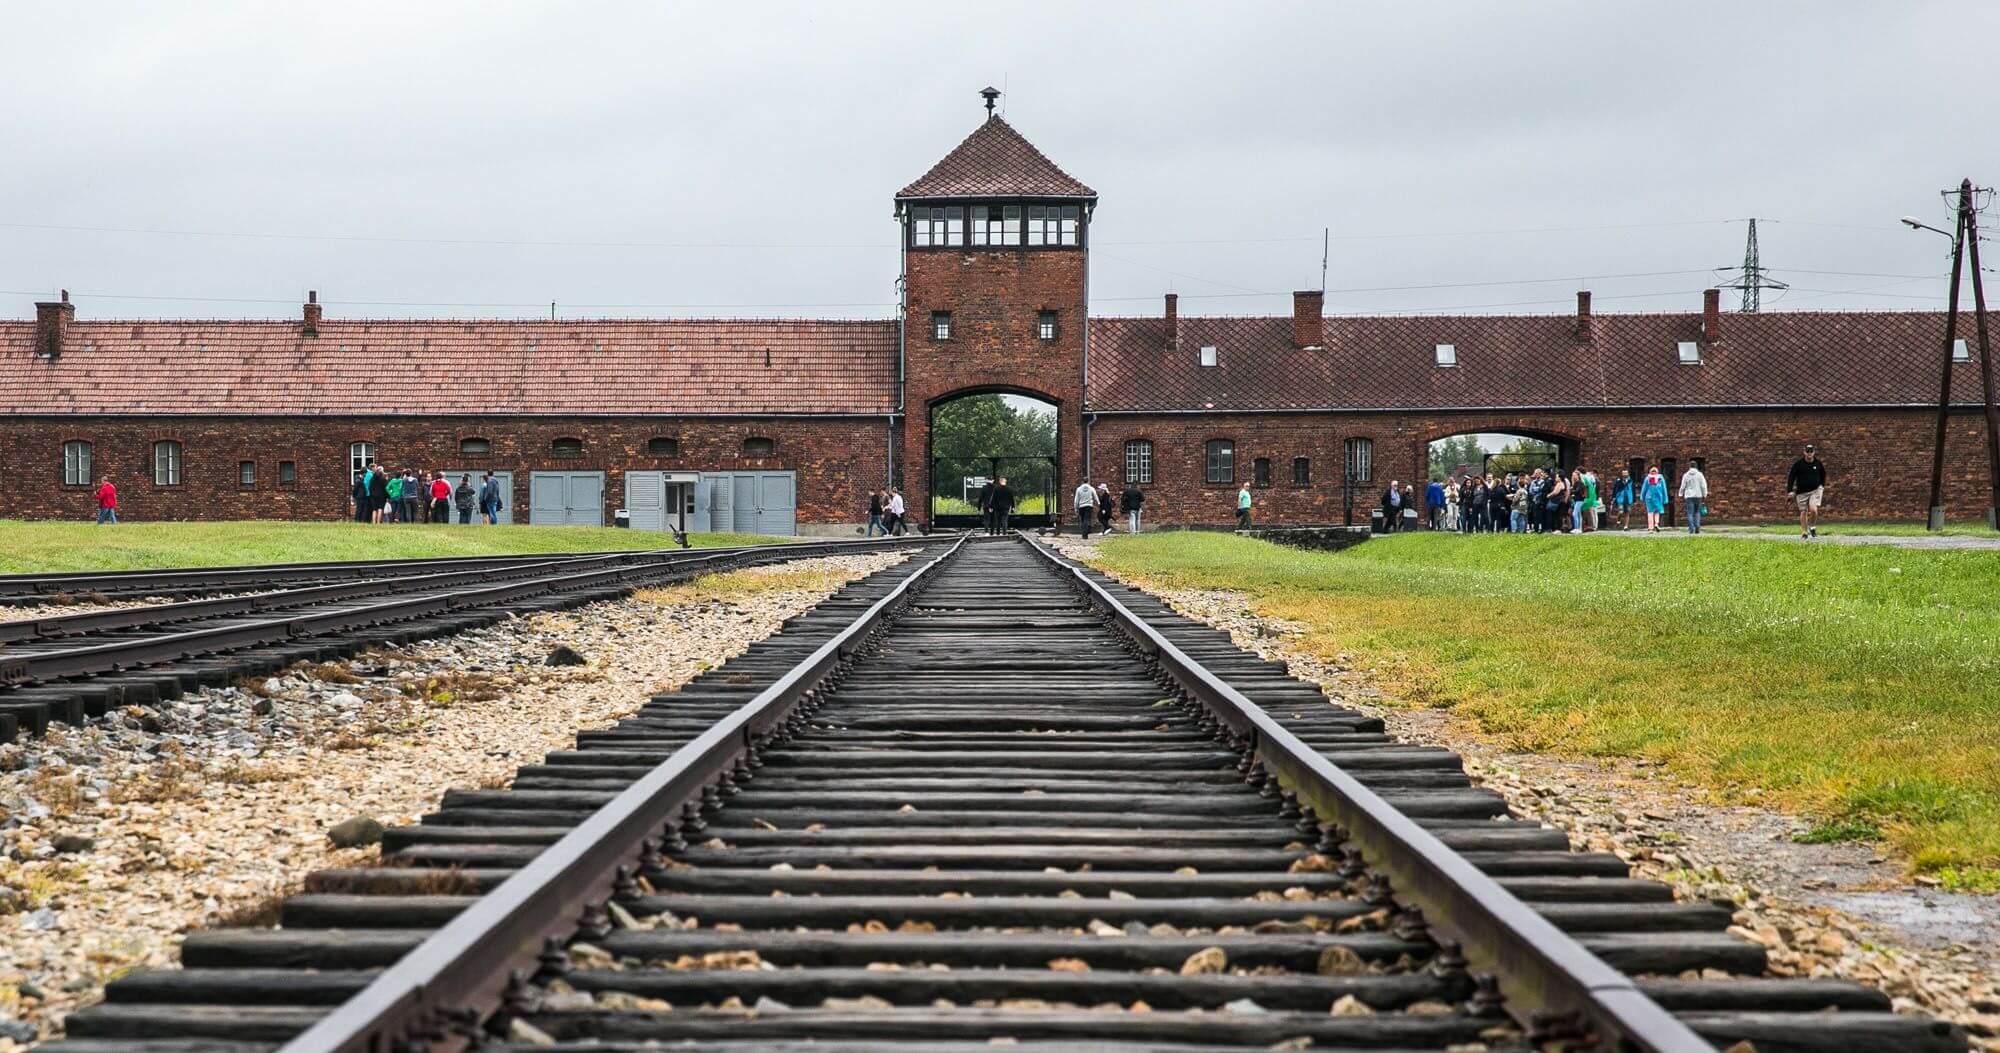 Tourist Attractions in Poland: Auschwitz-Birkenau